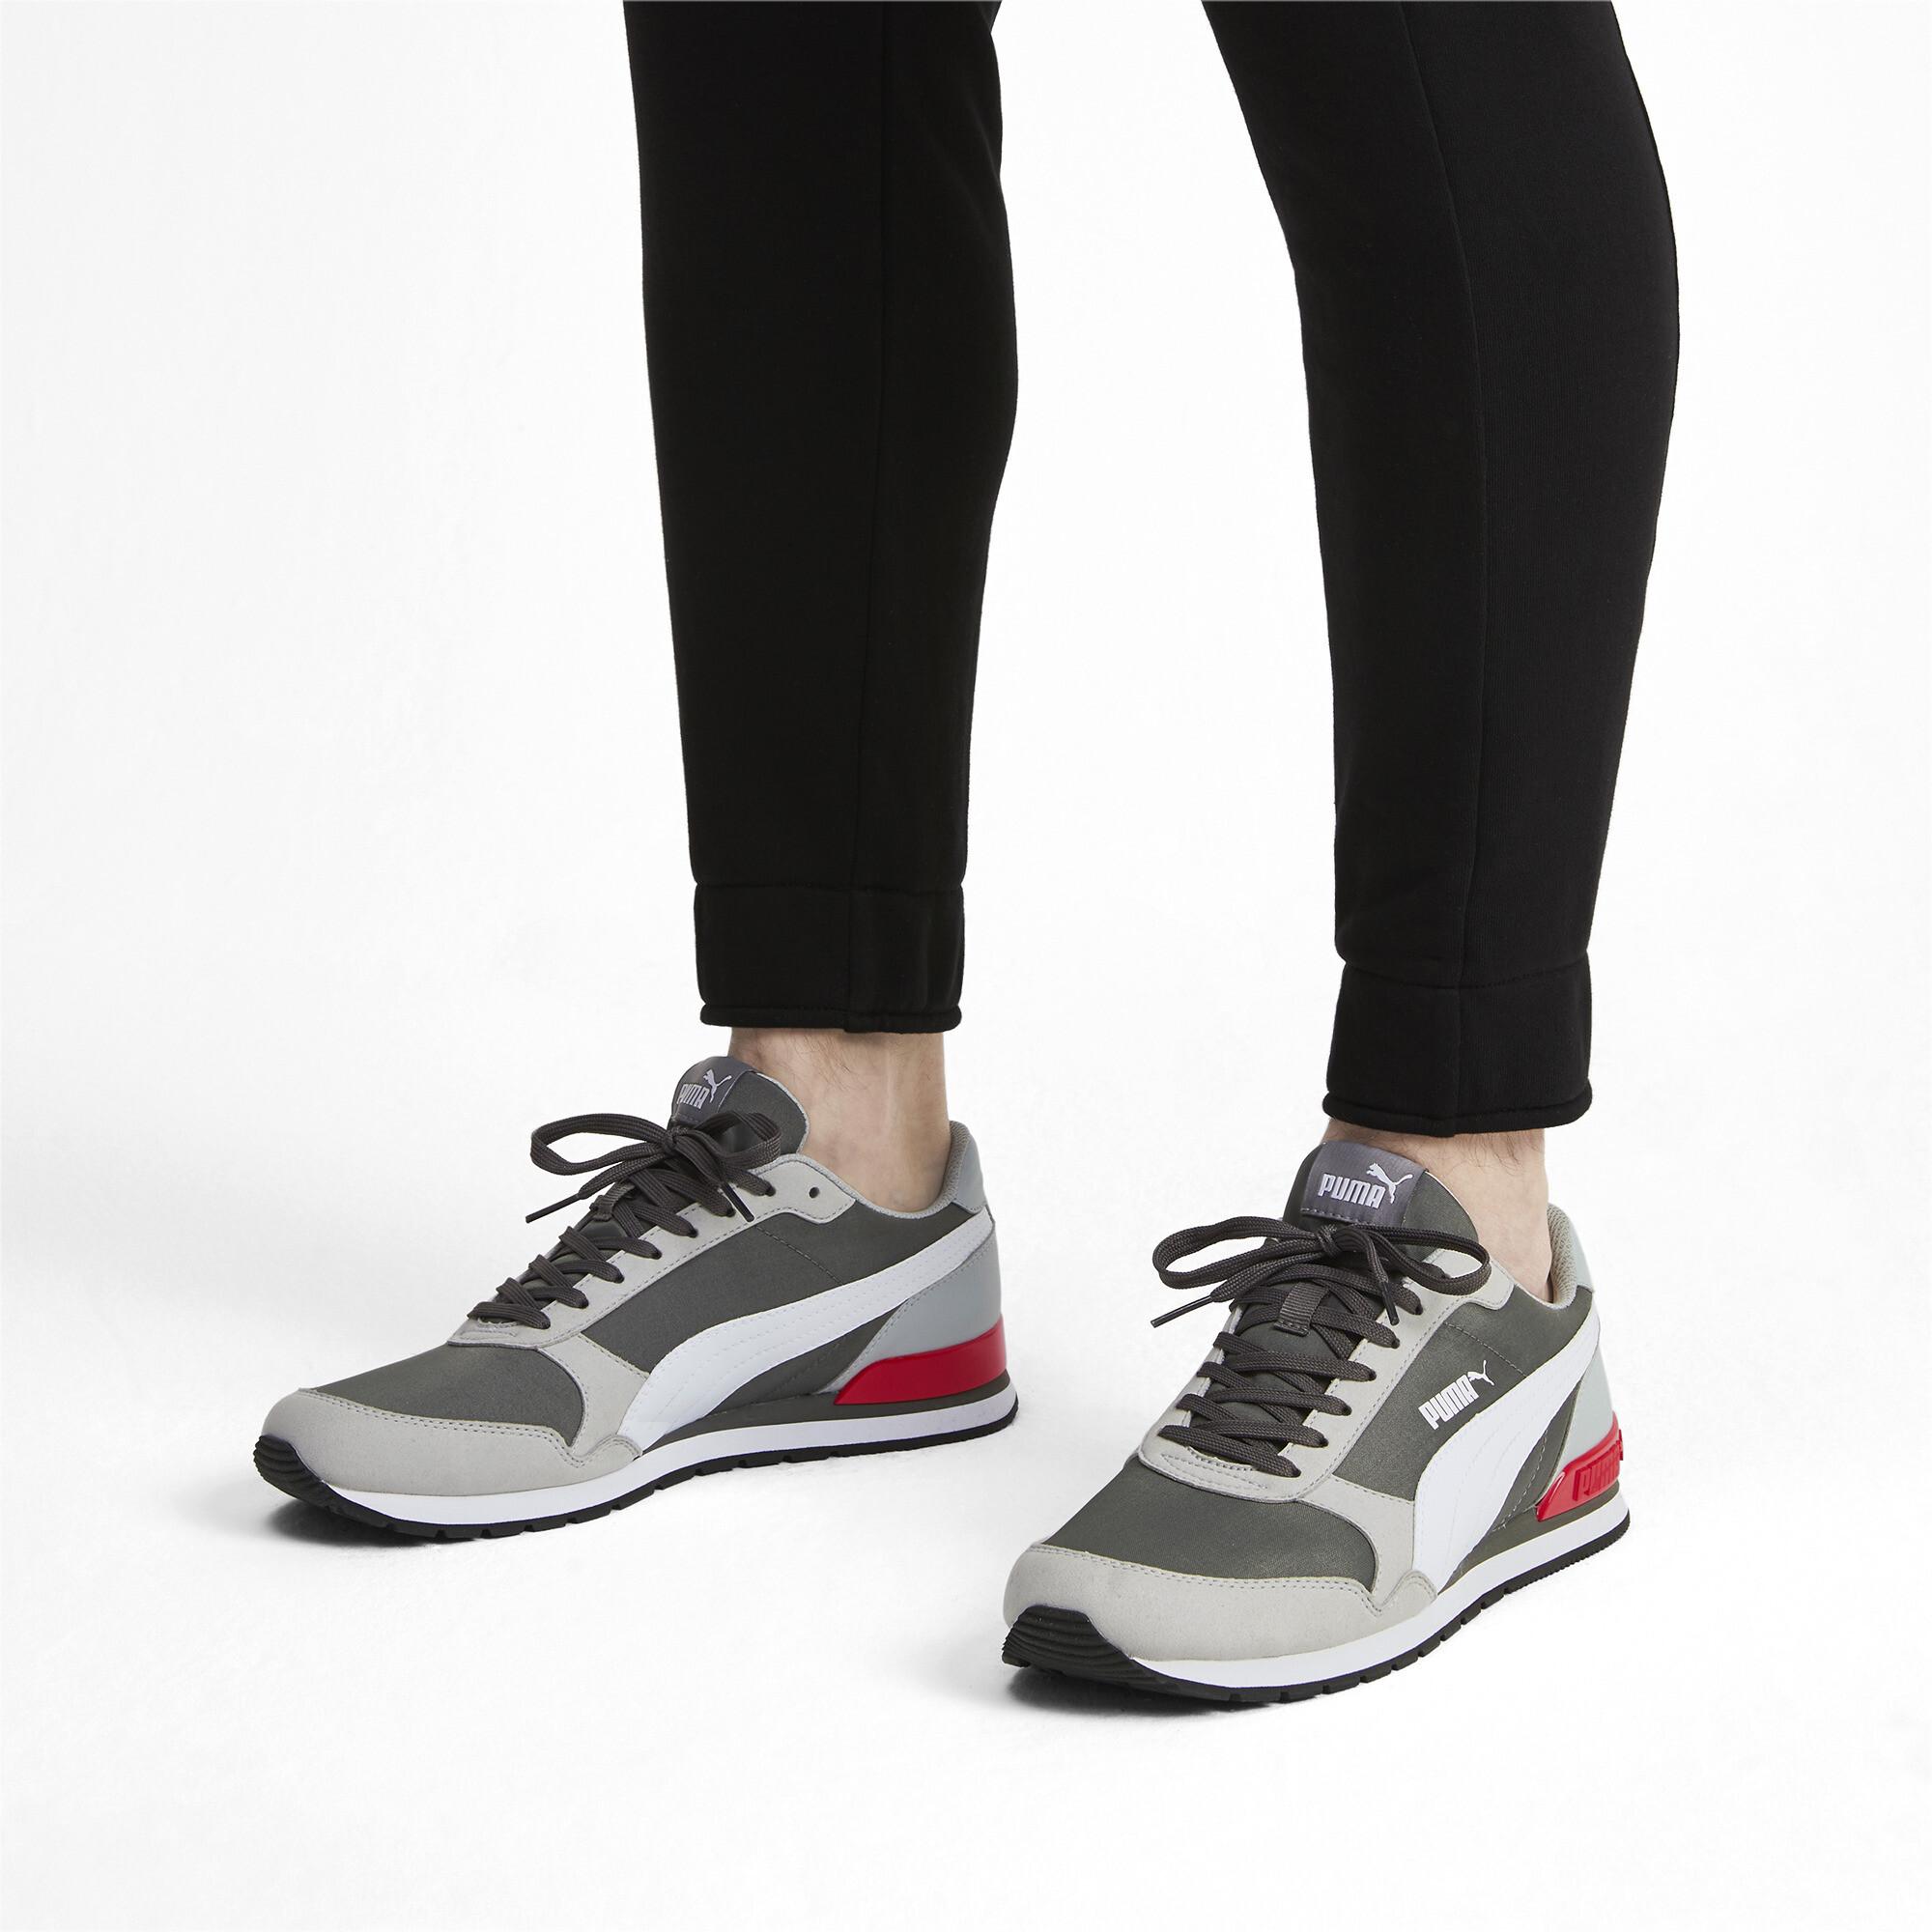 Puma-ST-Runner-v2-Para-hombre-Zapatos-para-hombre-Basics miniatura 5